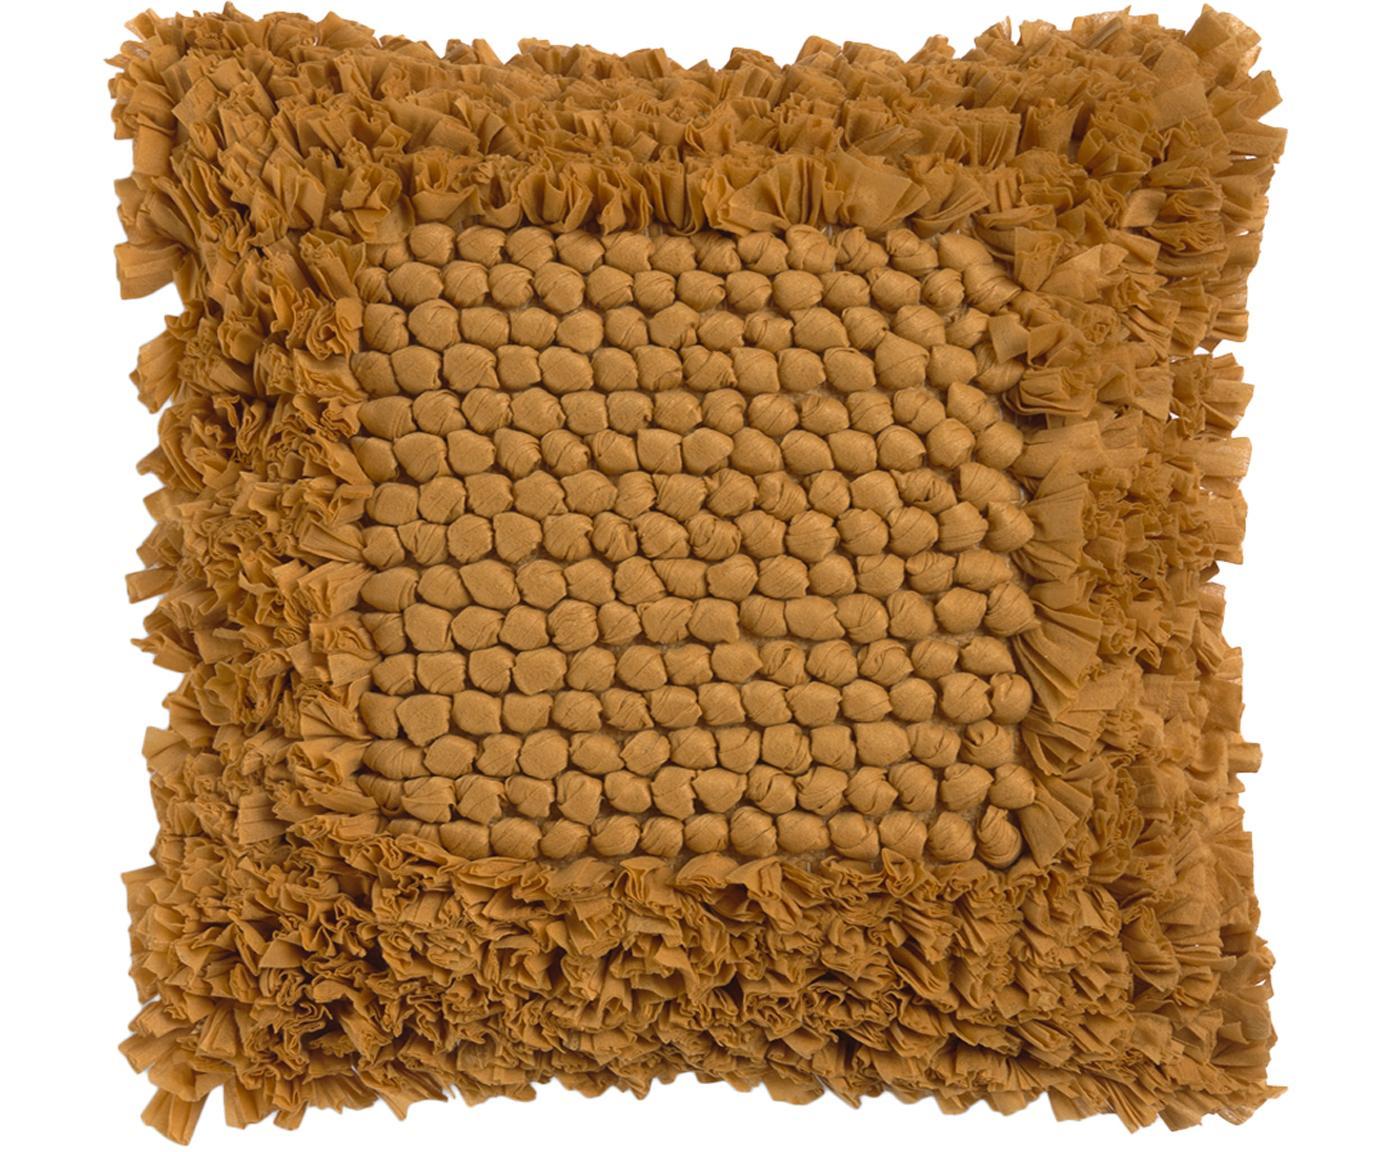 Kussenhoes Aqia met gestructureerde oppervlak, 50% katoen 50% polyester, Mosterdgeel, 45 x 45 cm